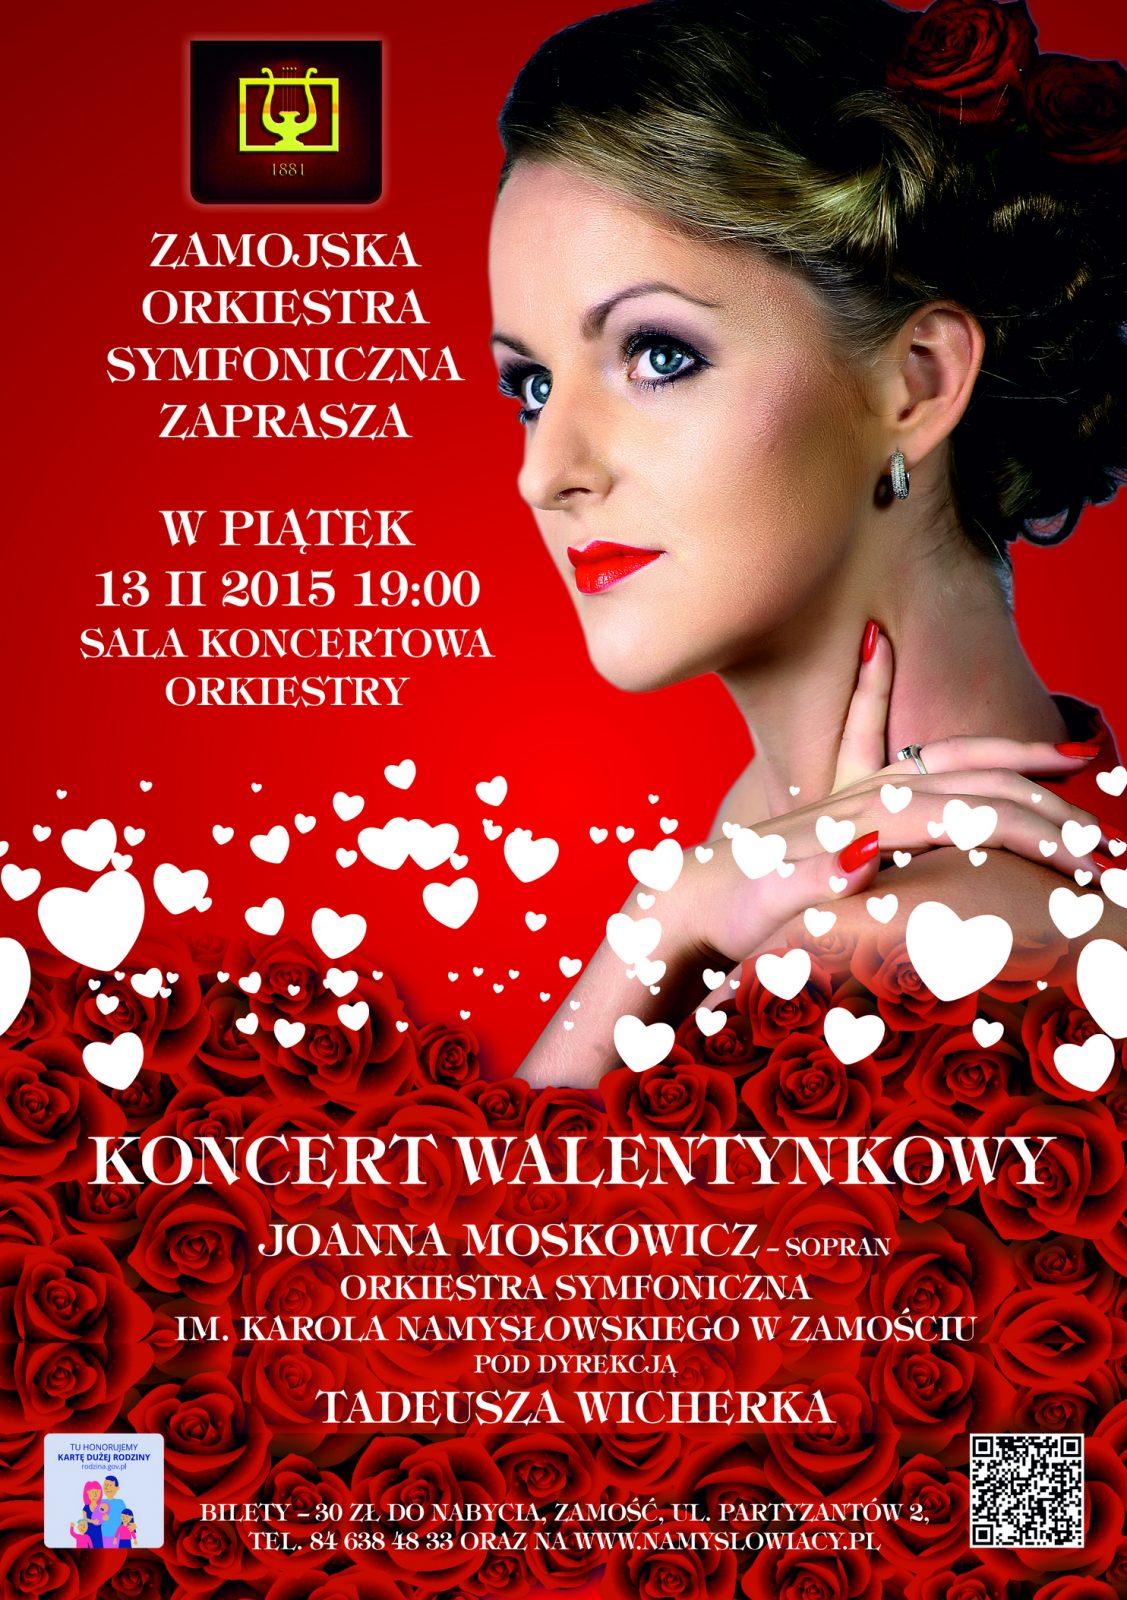 Koncert Walentynkowy m